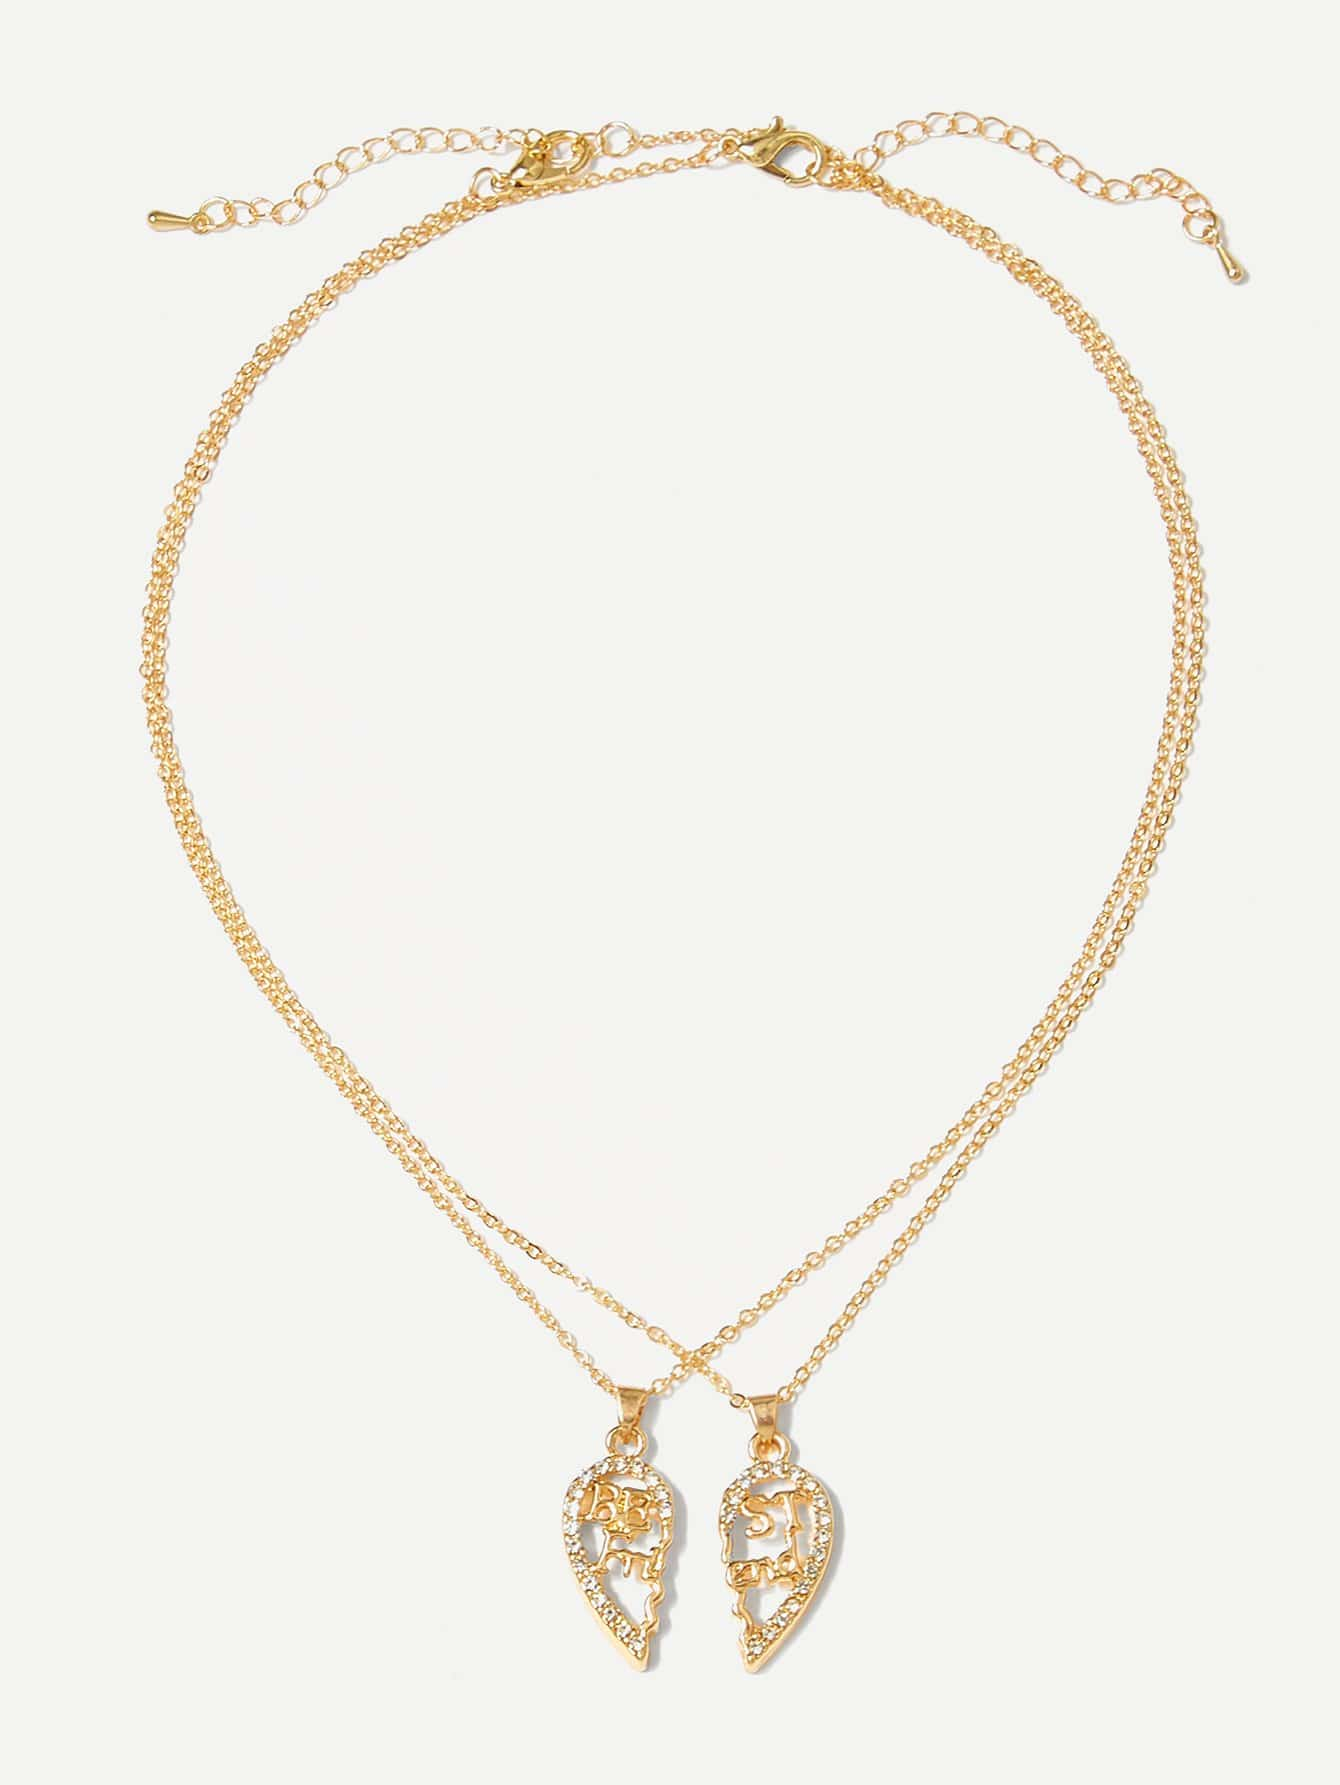 Hollow Heart Pendant Couple Necklace 2pcs hollow heart pendant necklace set 3pcs